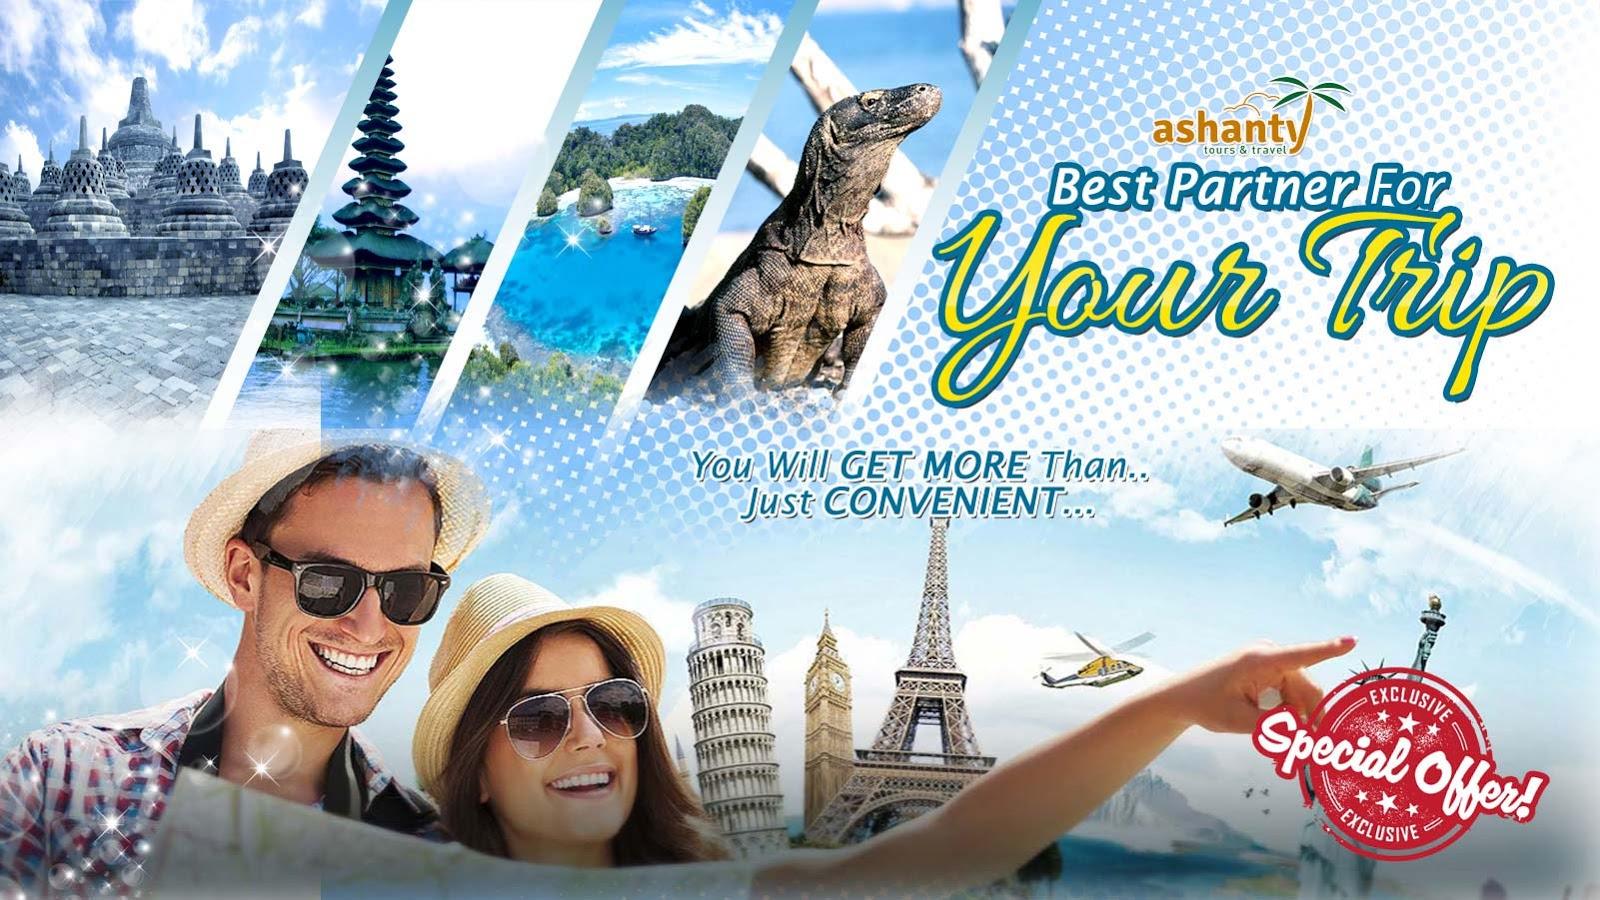 Bosan Kerja? Yuk Liburan bersama Ashanty Tour Travel Surabaya